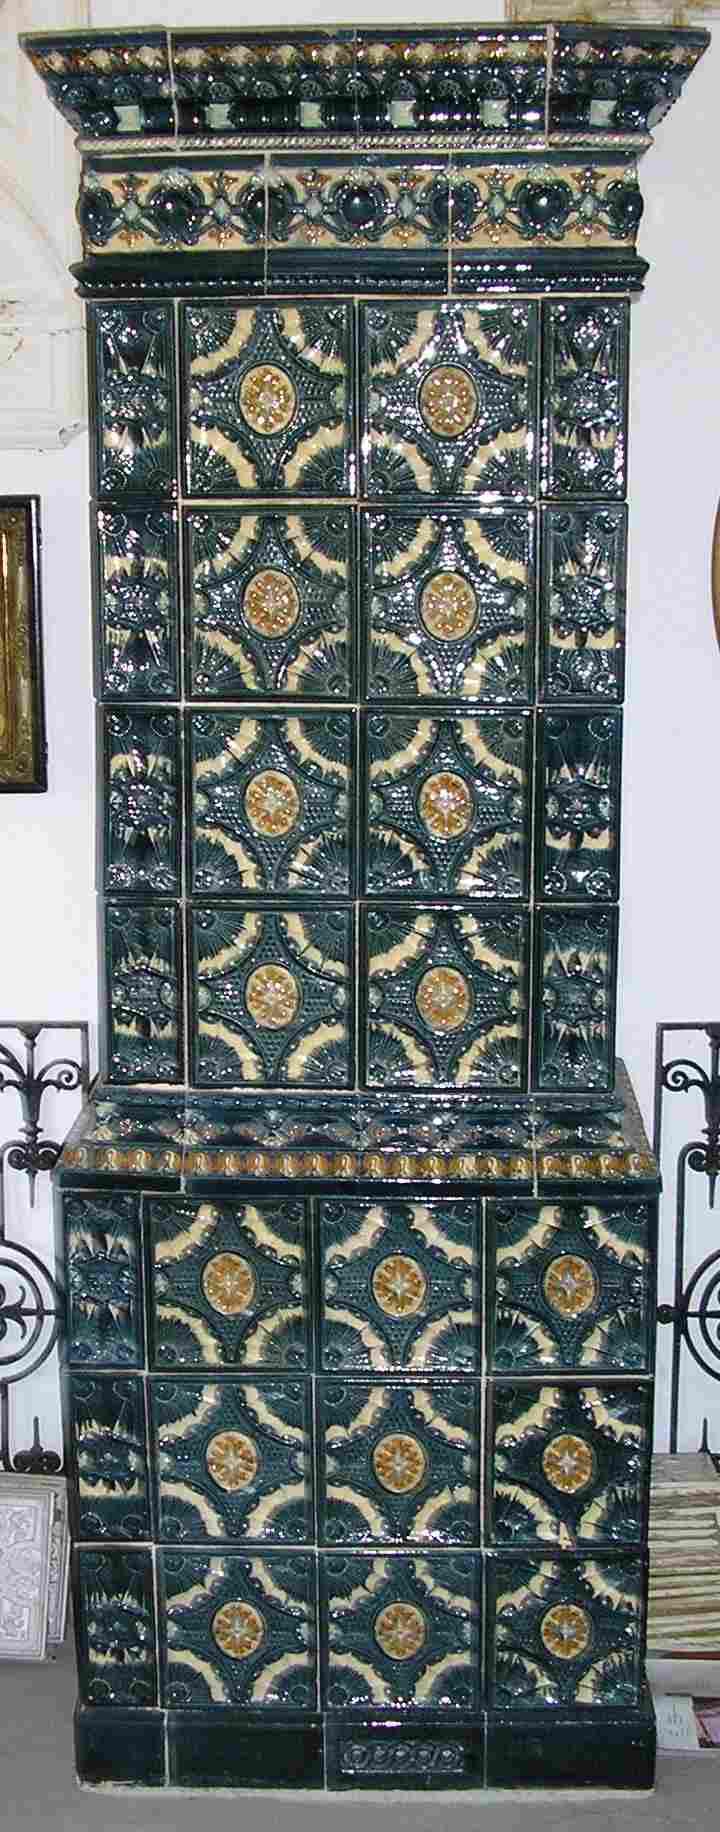 altberliner bauelemente historische antike fen im ausstelungsraum. Black Bedroom Furniture Sets. Home Design Ideas